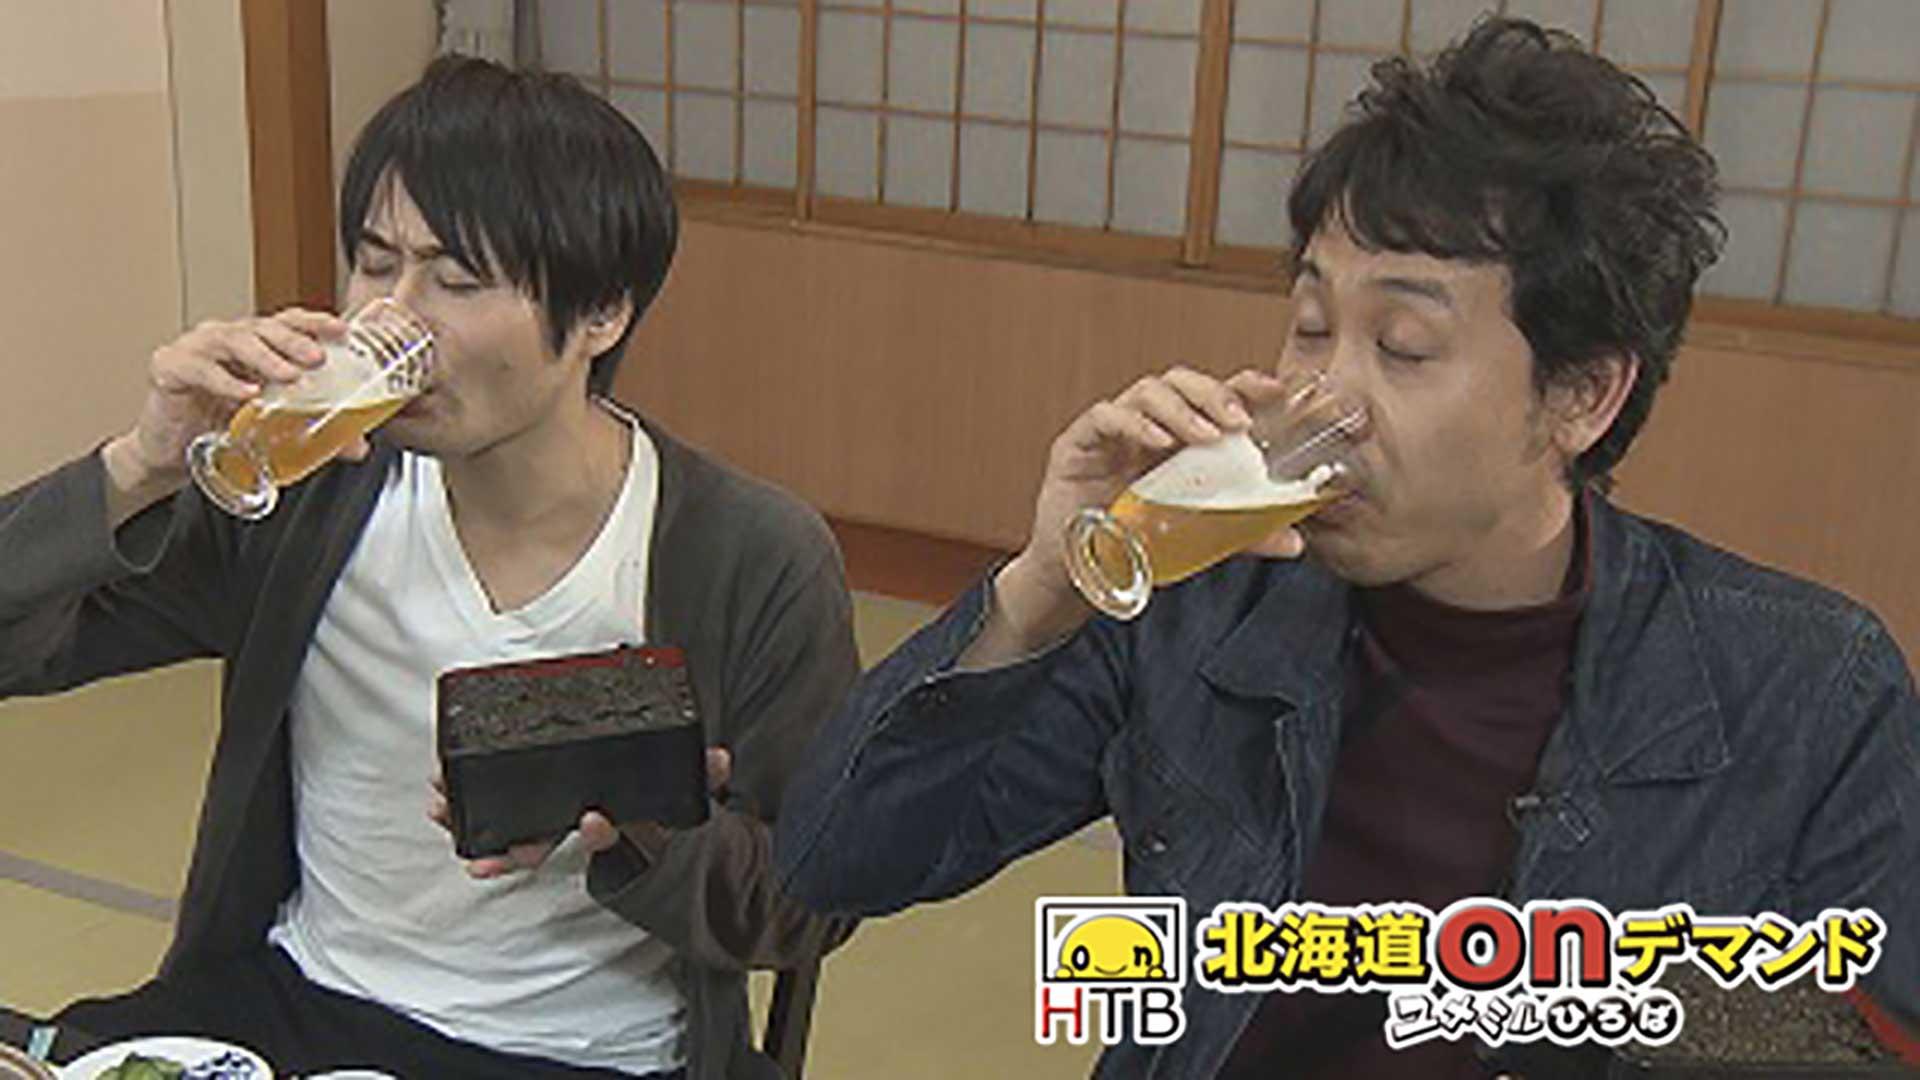 大泉洋、戸次重幸出演「おにぎりあたためますか」特集【グルメ動画】